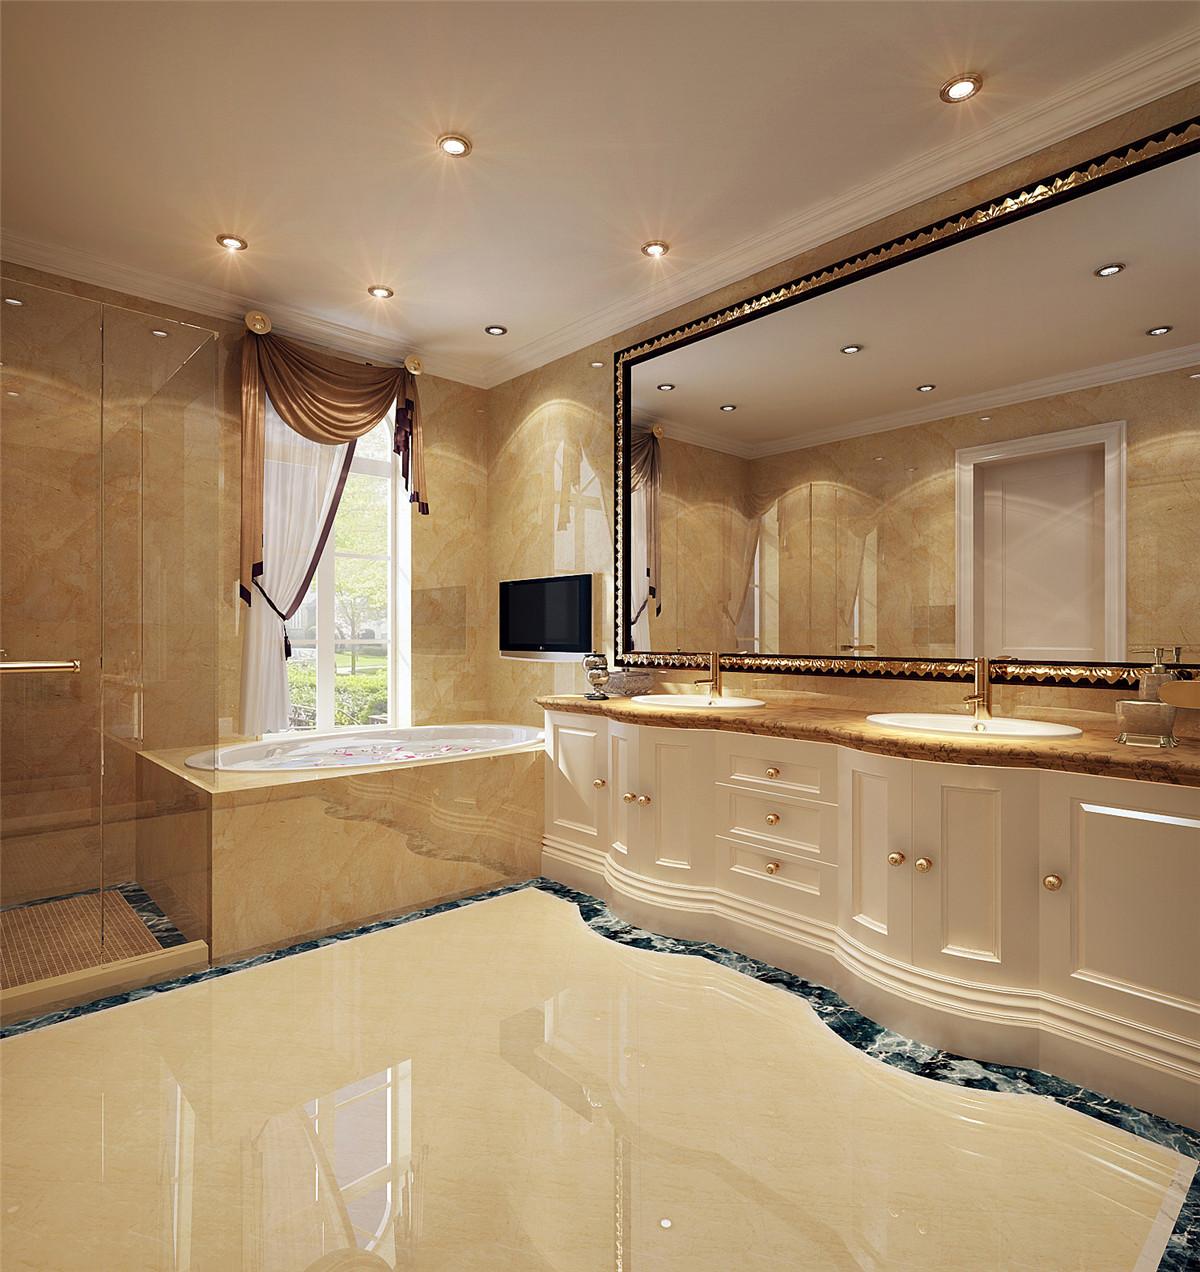 汤臣高尔夫 别墅装修 欧式古典 腾龙设计 卫生间图片来自孔继民在汤臣高尔夫700平别墅欧式古典的分享